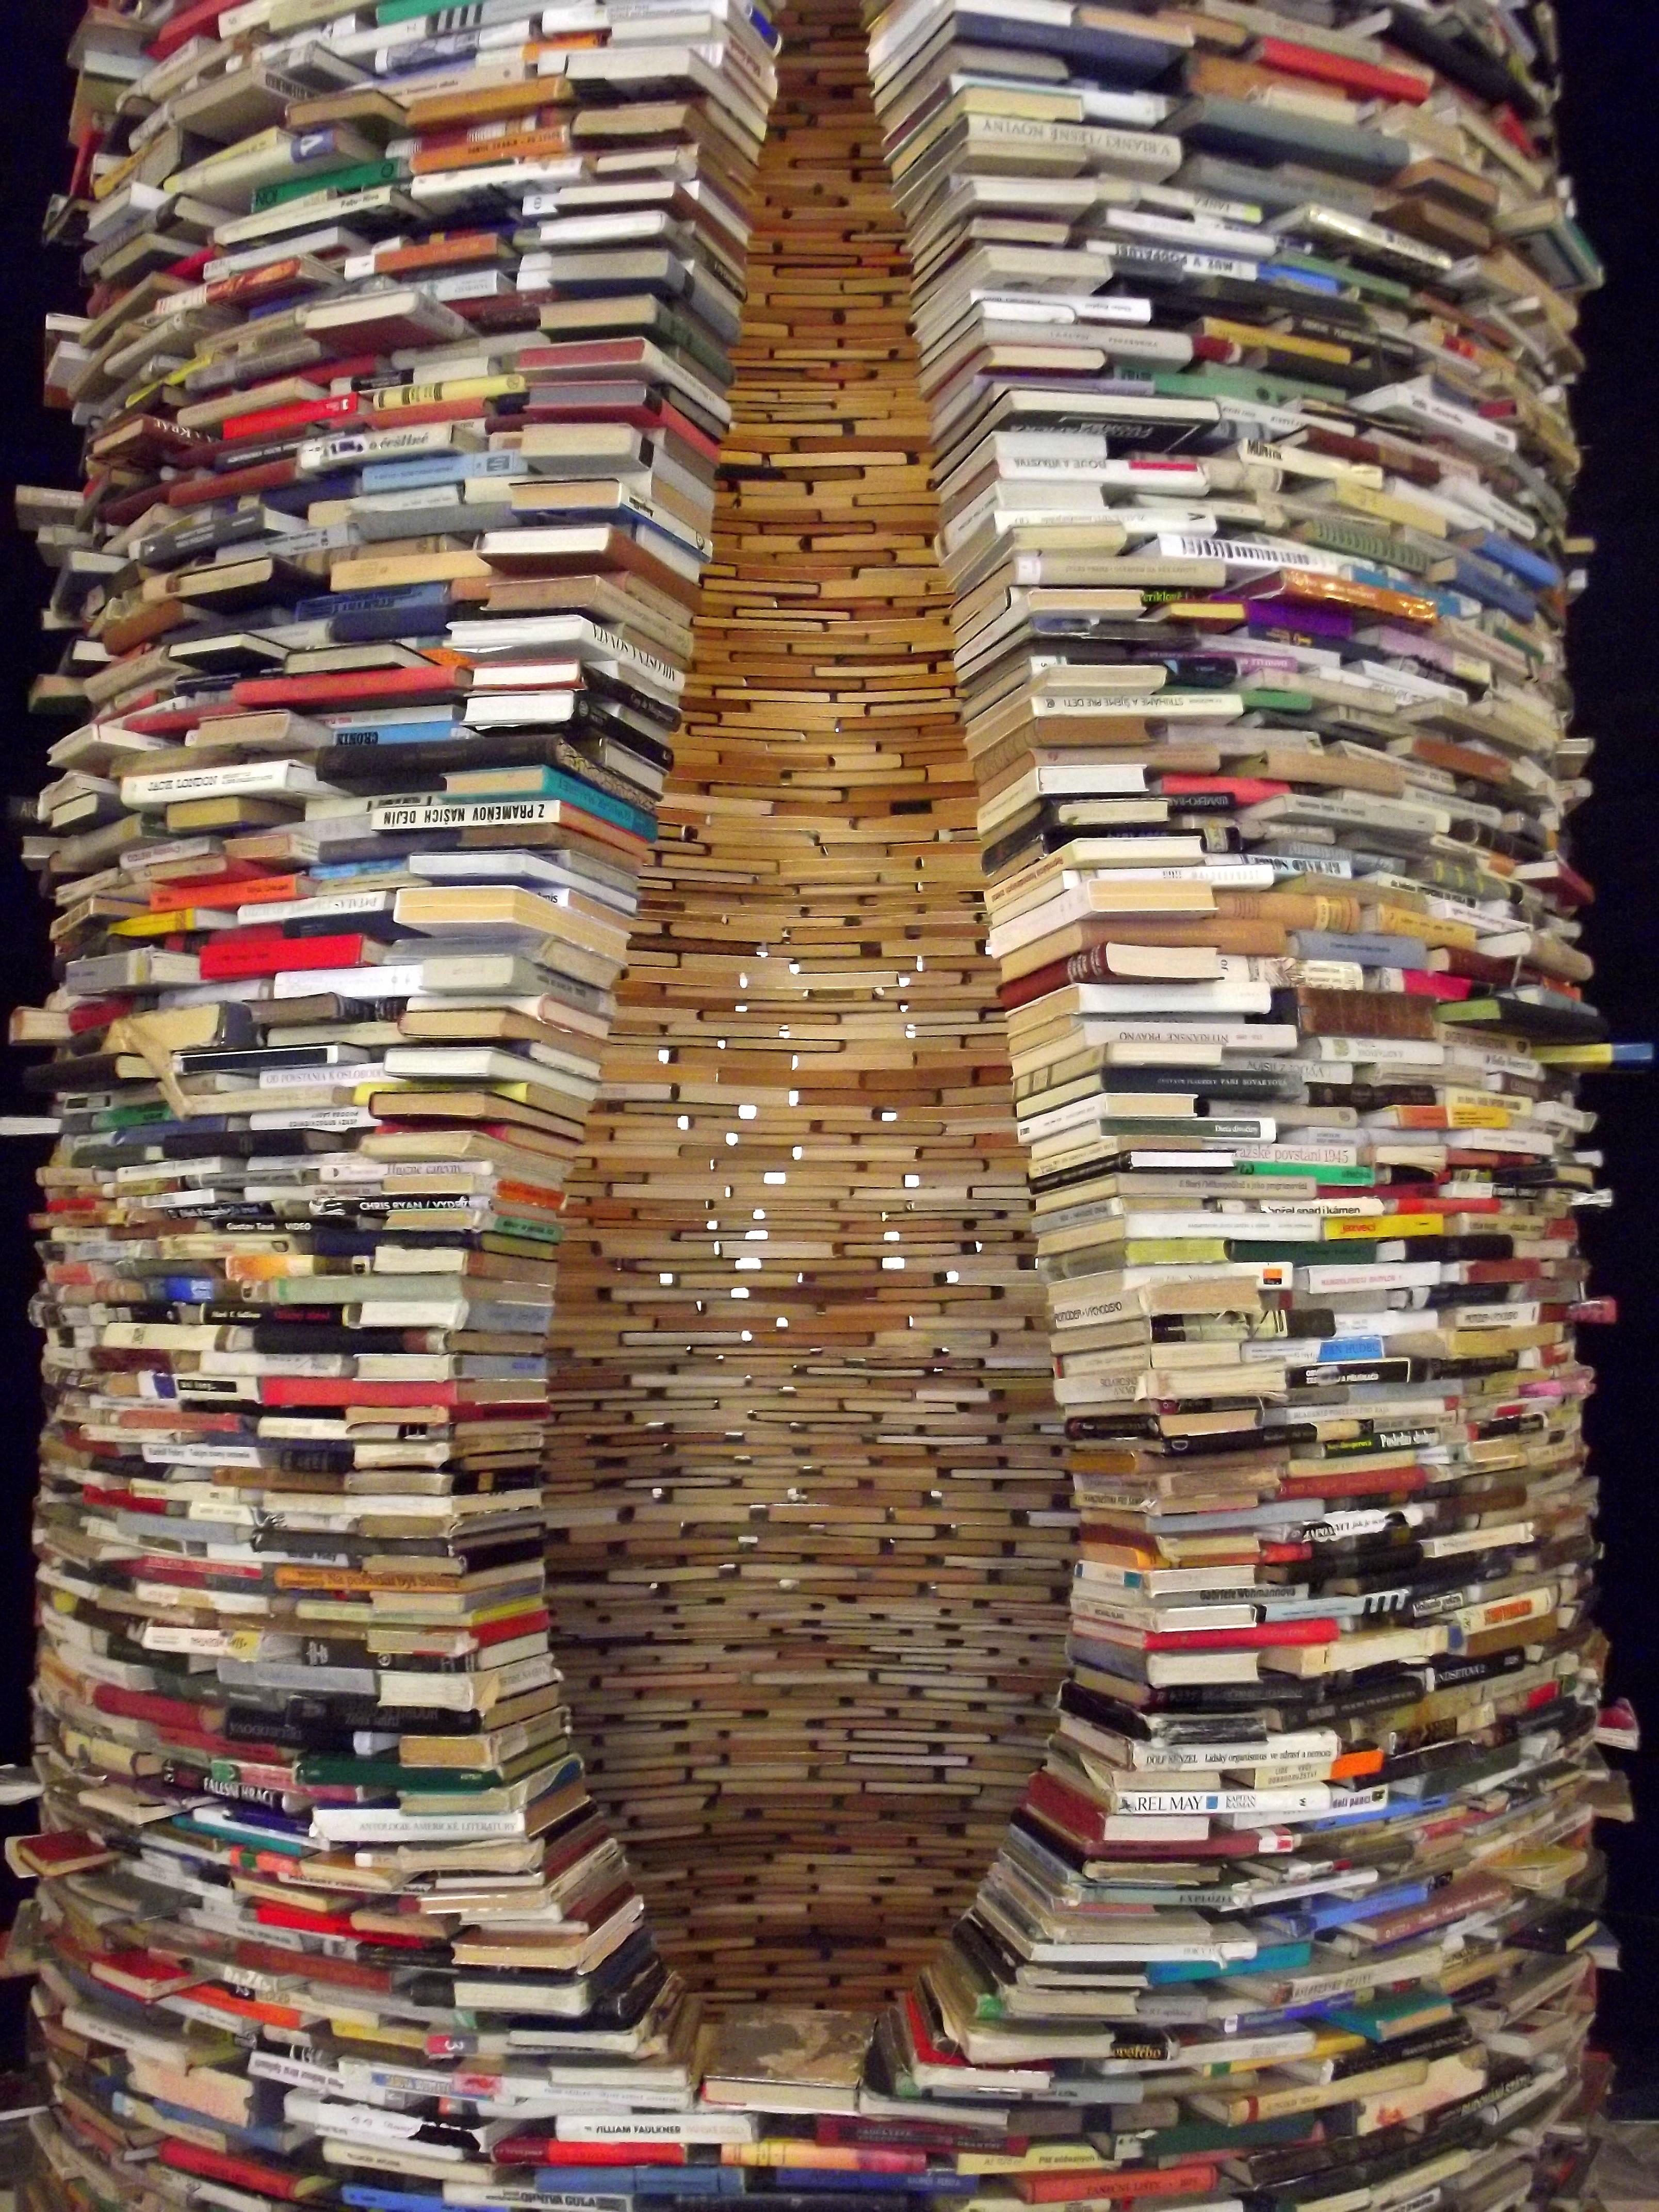 Matej Kren's Tower of Books, Prague | Author: Helen Cox